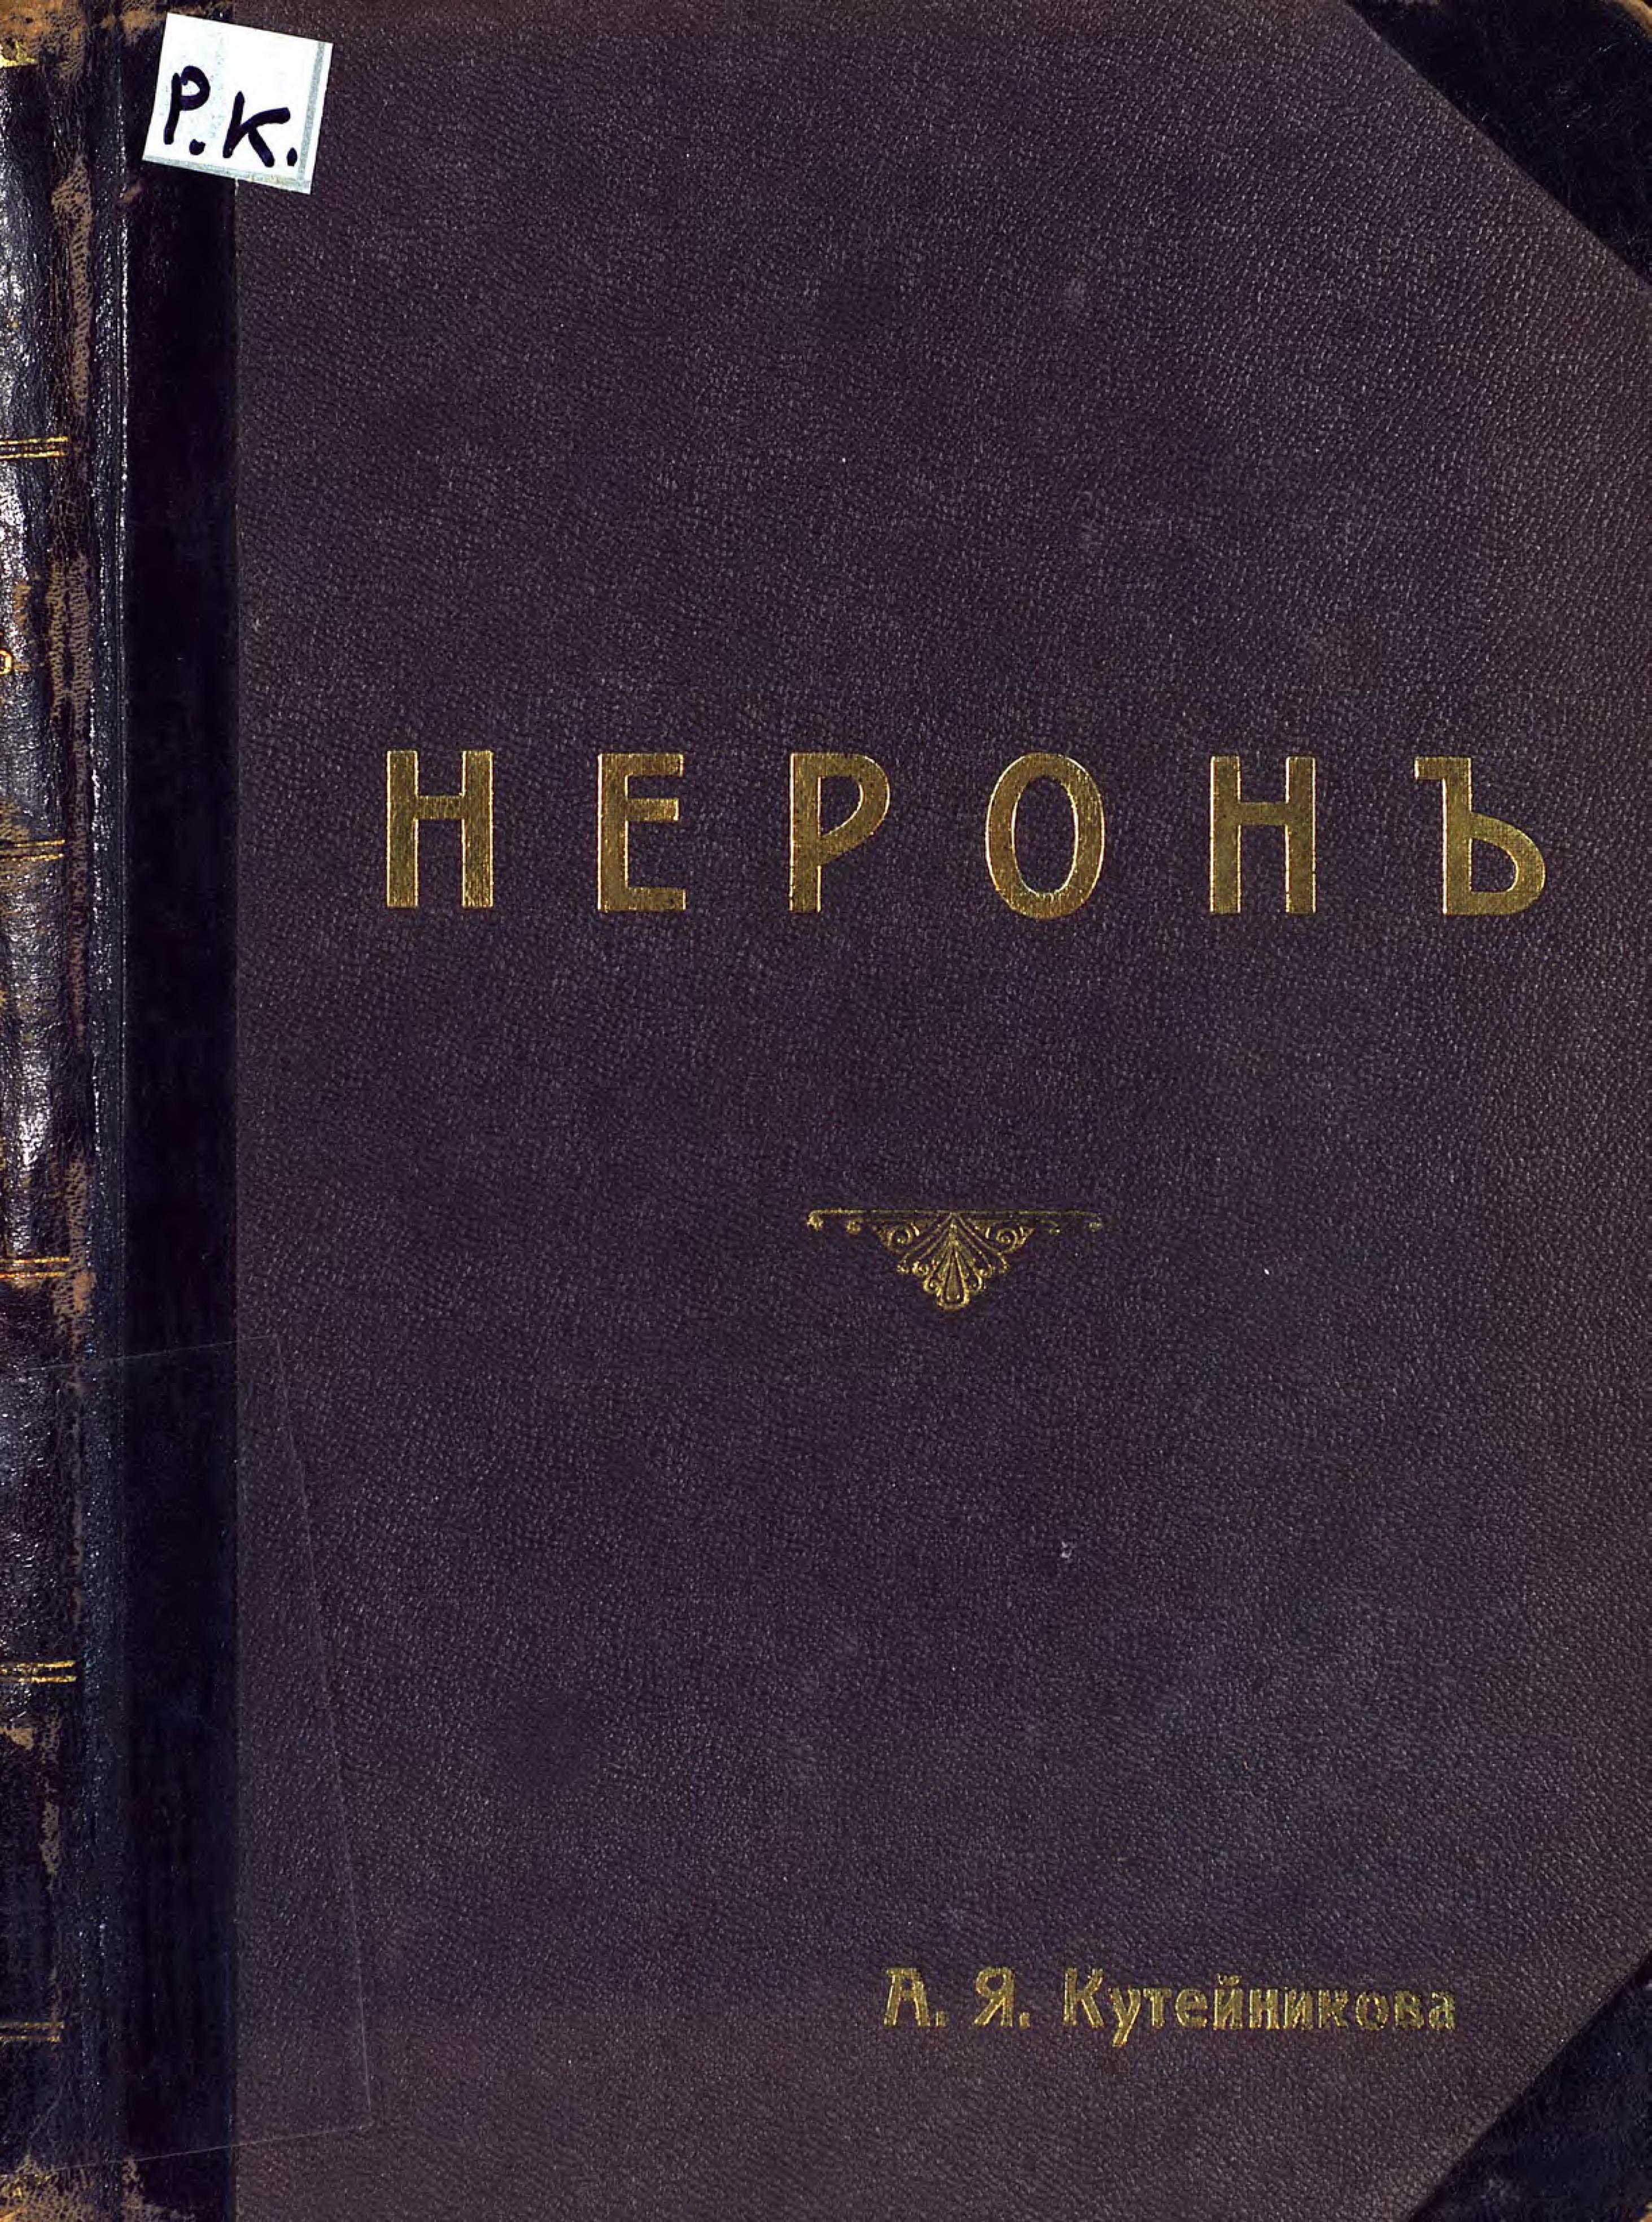 Антон Григорьевич Рубинштейн Нерон